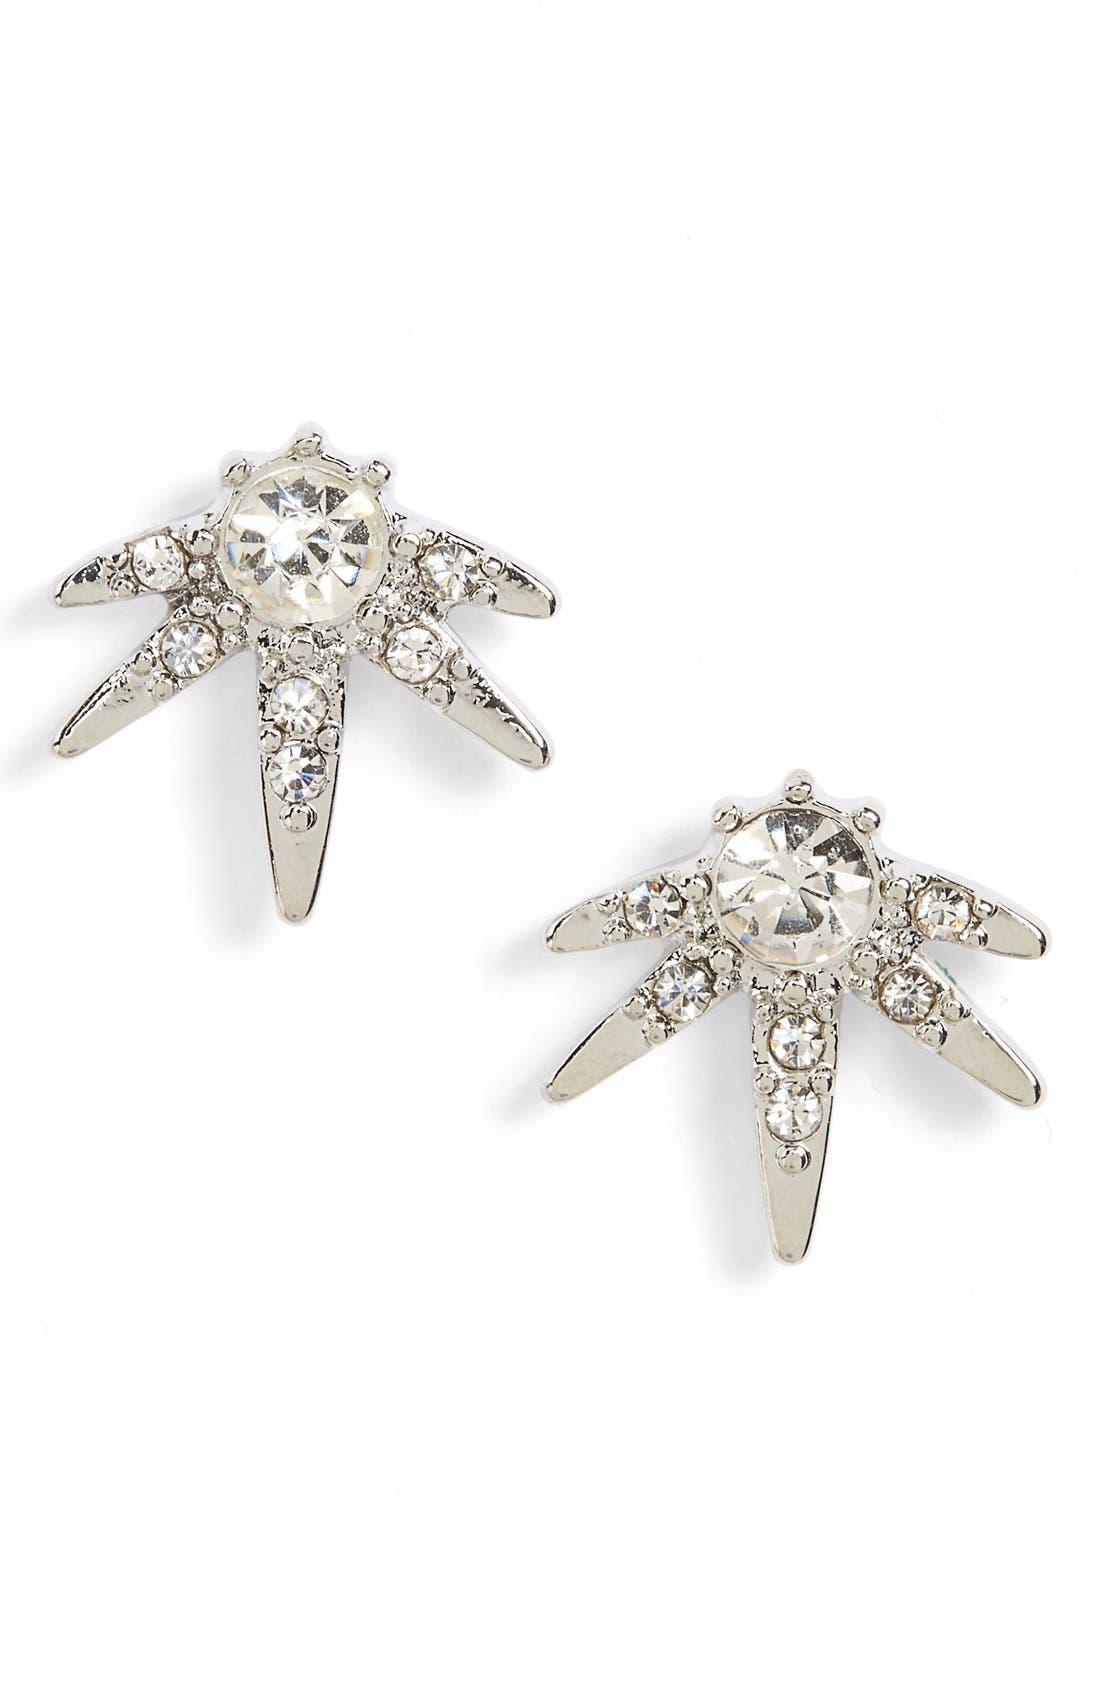 Alternate Image 1 Selected - Sole Society Crystal Starburst Stud Earrings